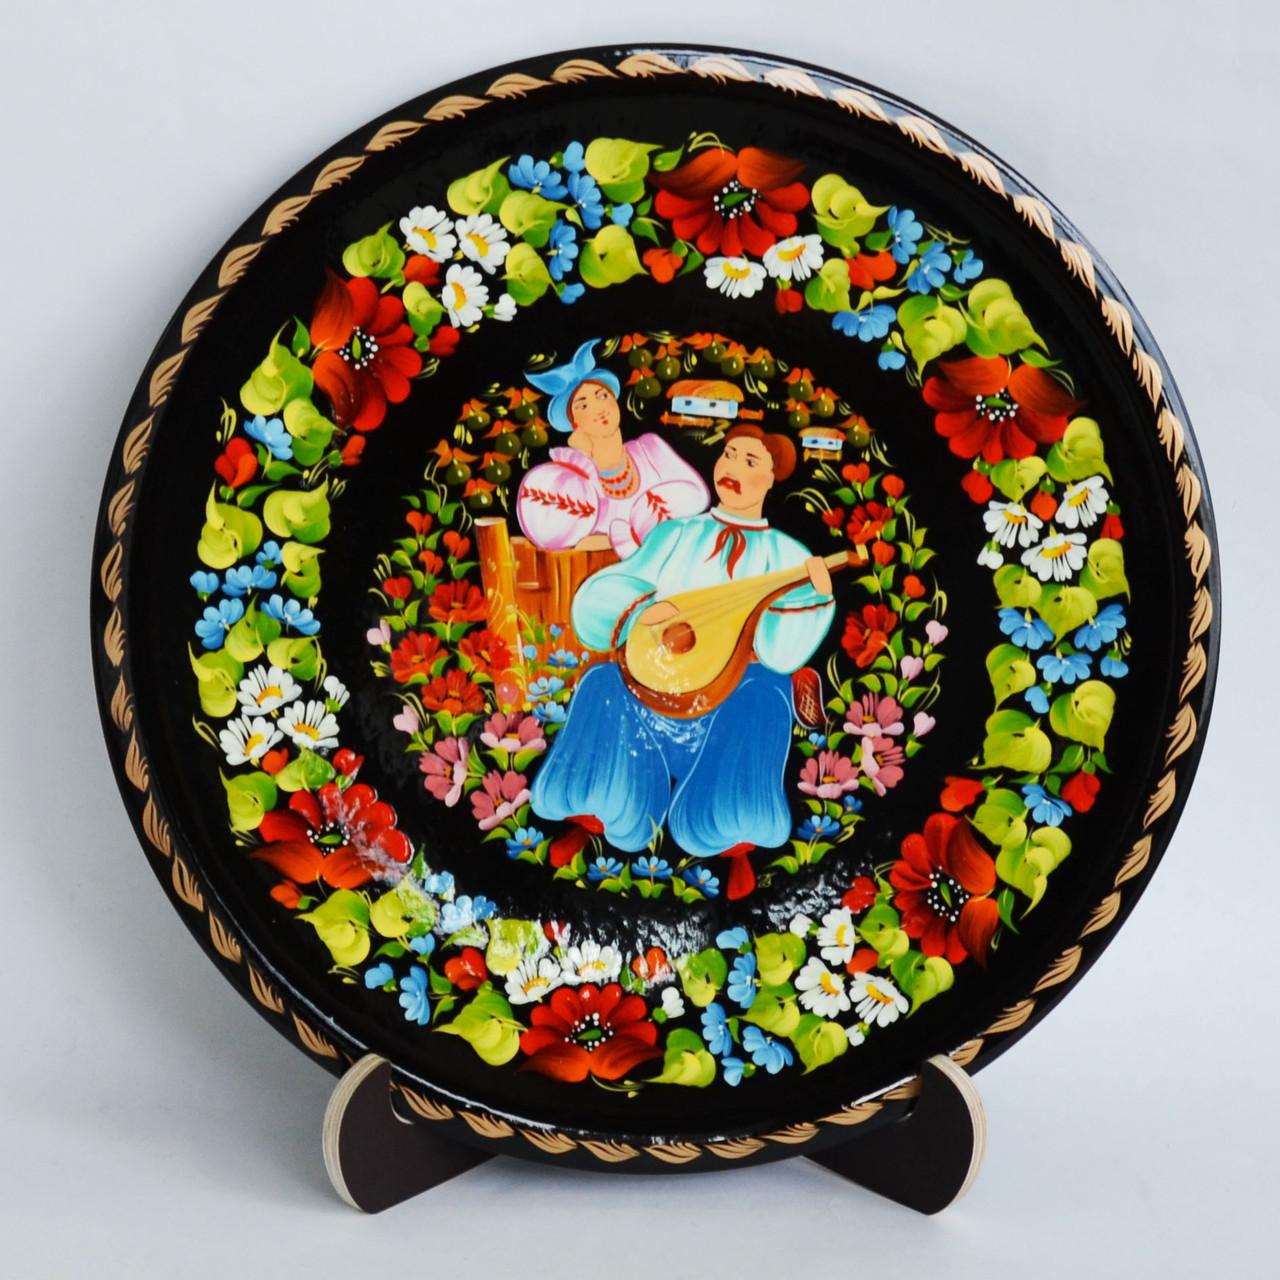 Тарелка расписная. Украинский сувенир. Свадебный подарок. Щаслива пара., фото 1